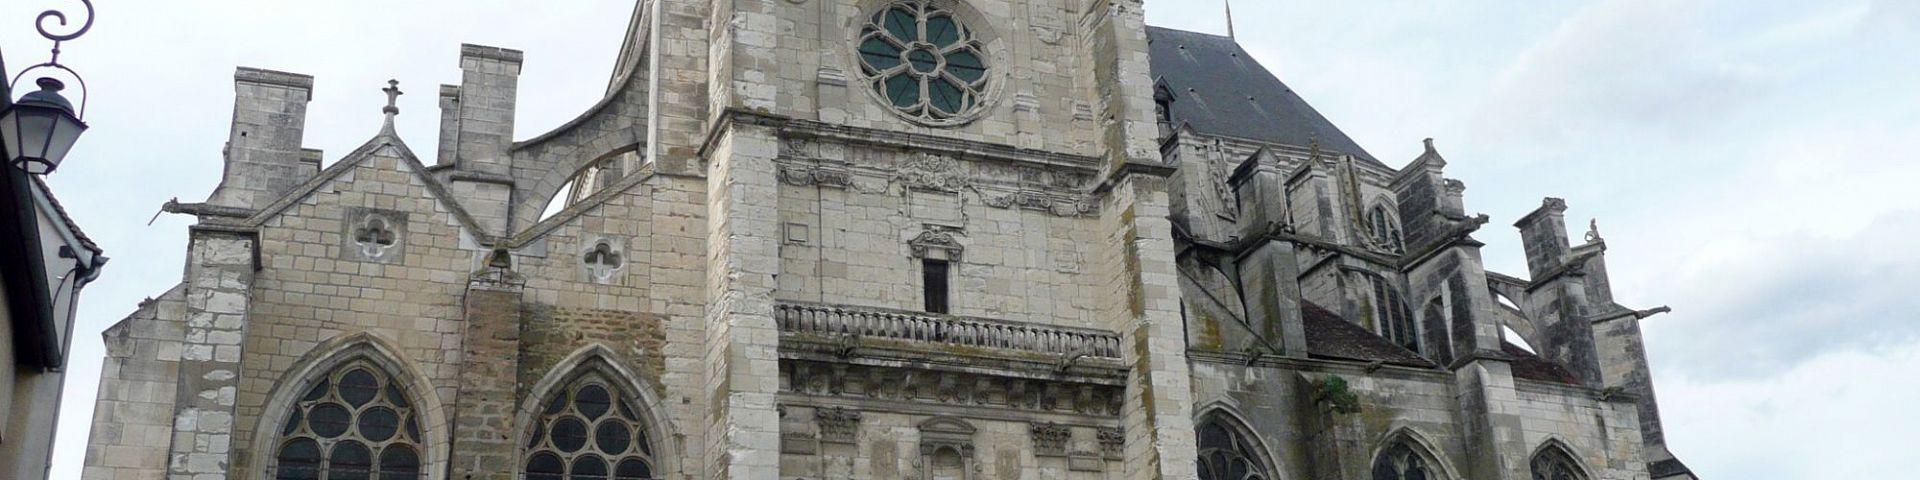 Saint-Florentin - Eglise (89)